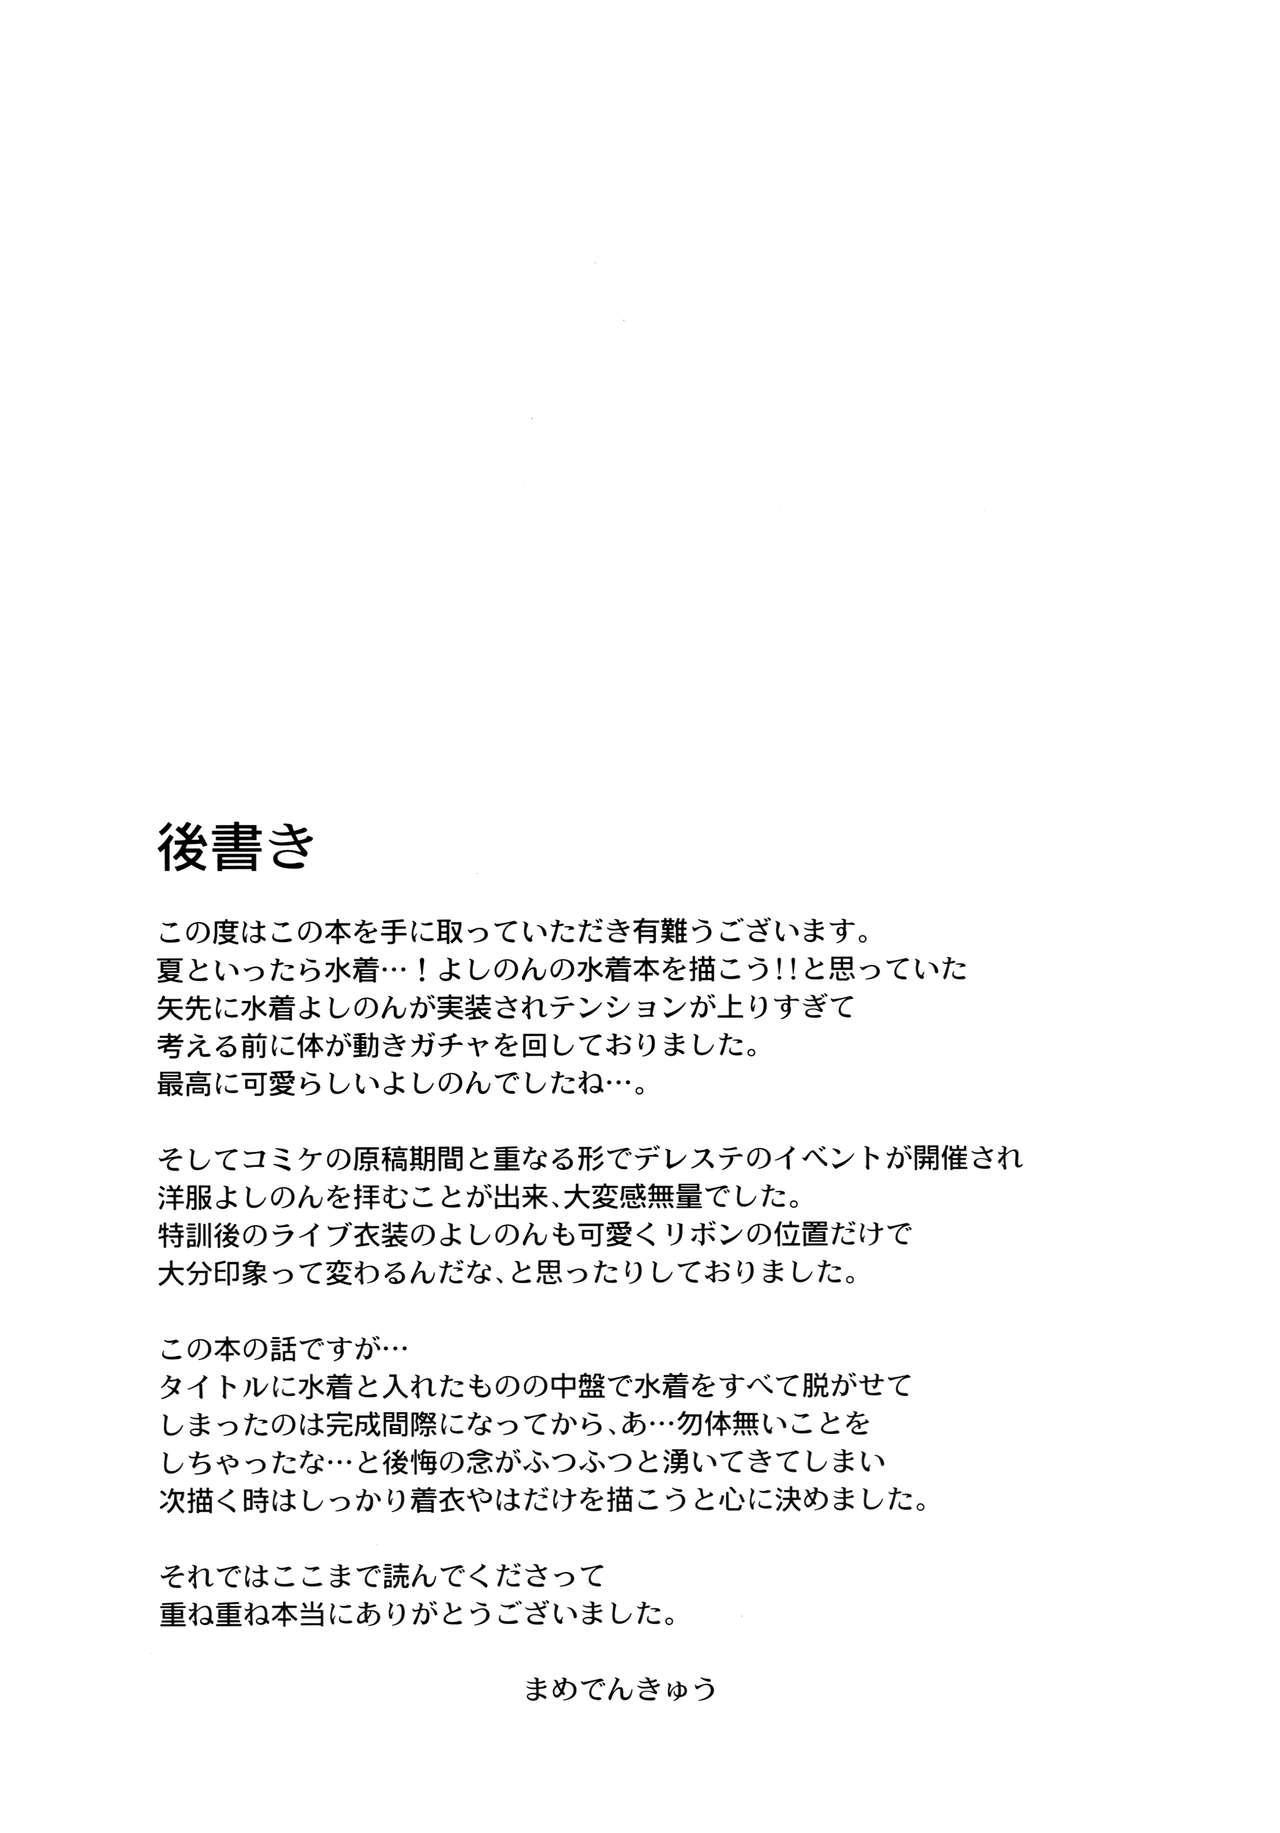 Yorita Yoshino to Mizugi de Himegoto | The Secrets of Yorita Yoshino and Her Swimsuit 23